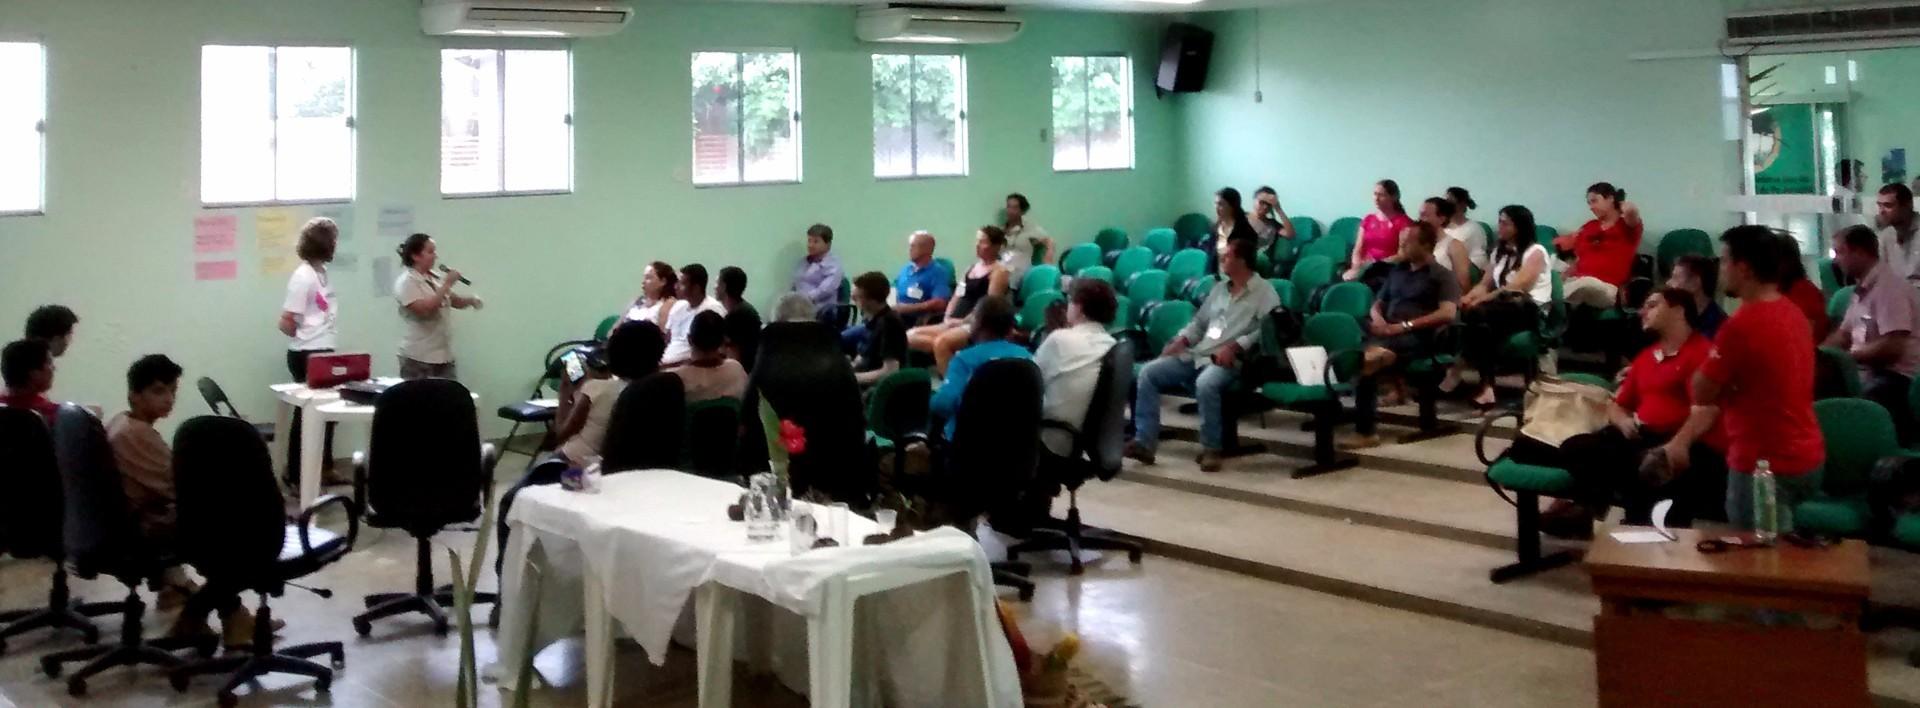 Coletores de castanha e gestores públicos discutem sobre a relevância do setor (Foto: Acervo da ONF Brasil)